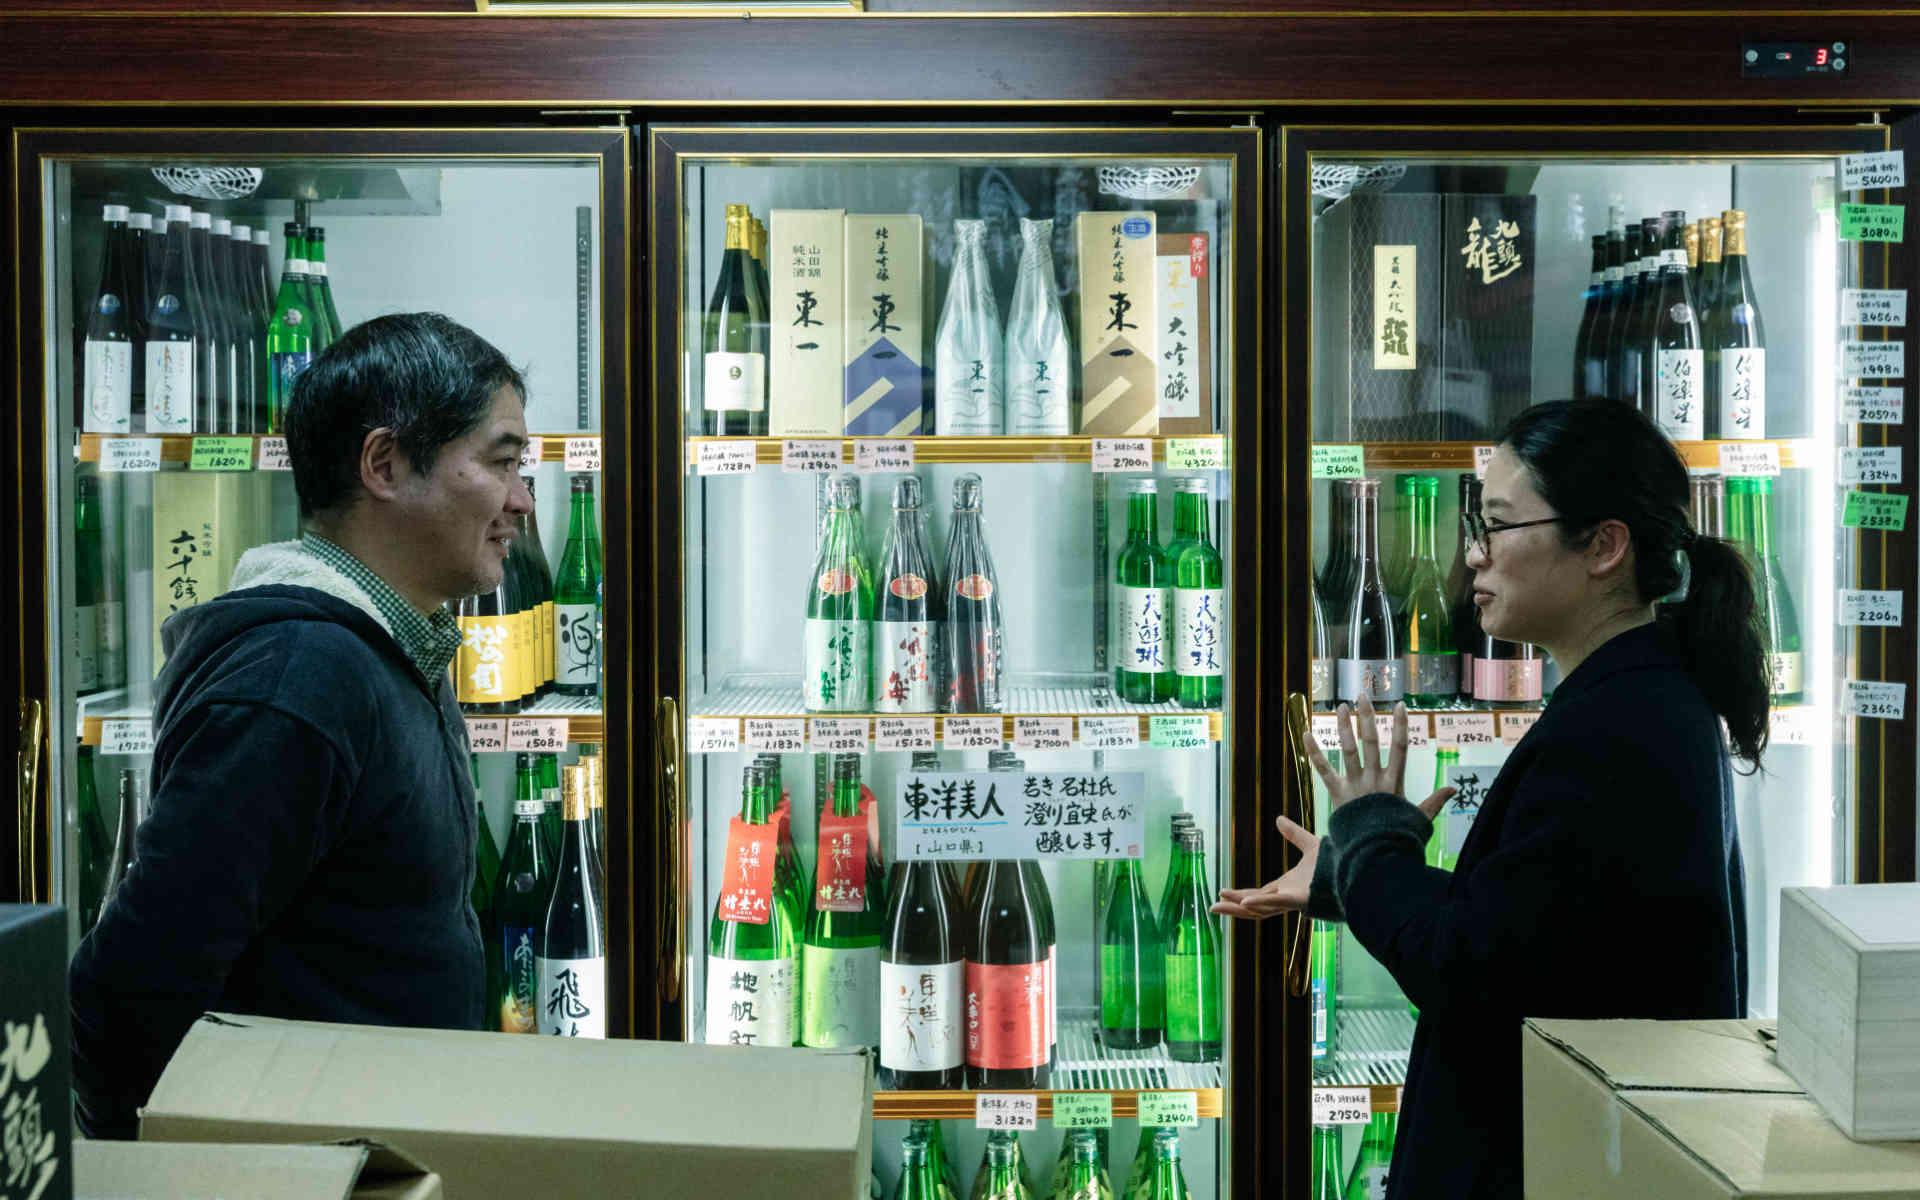 bowl店長・高塚裕子さんと行く有田。1日目はプロが頼る「井上酒店」、窯元御用達「むく庵」へ